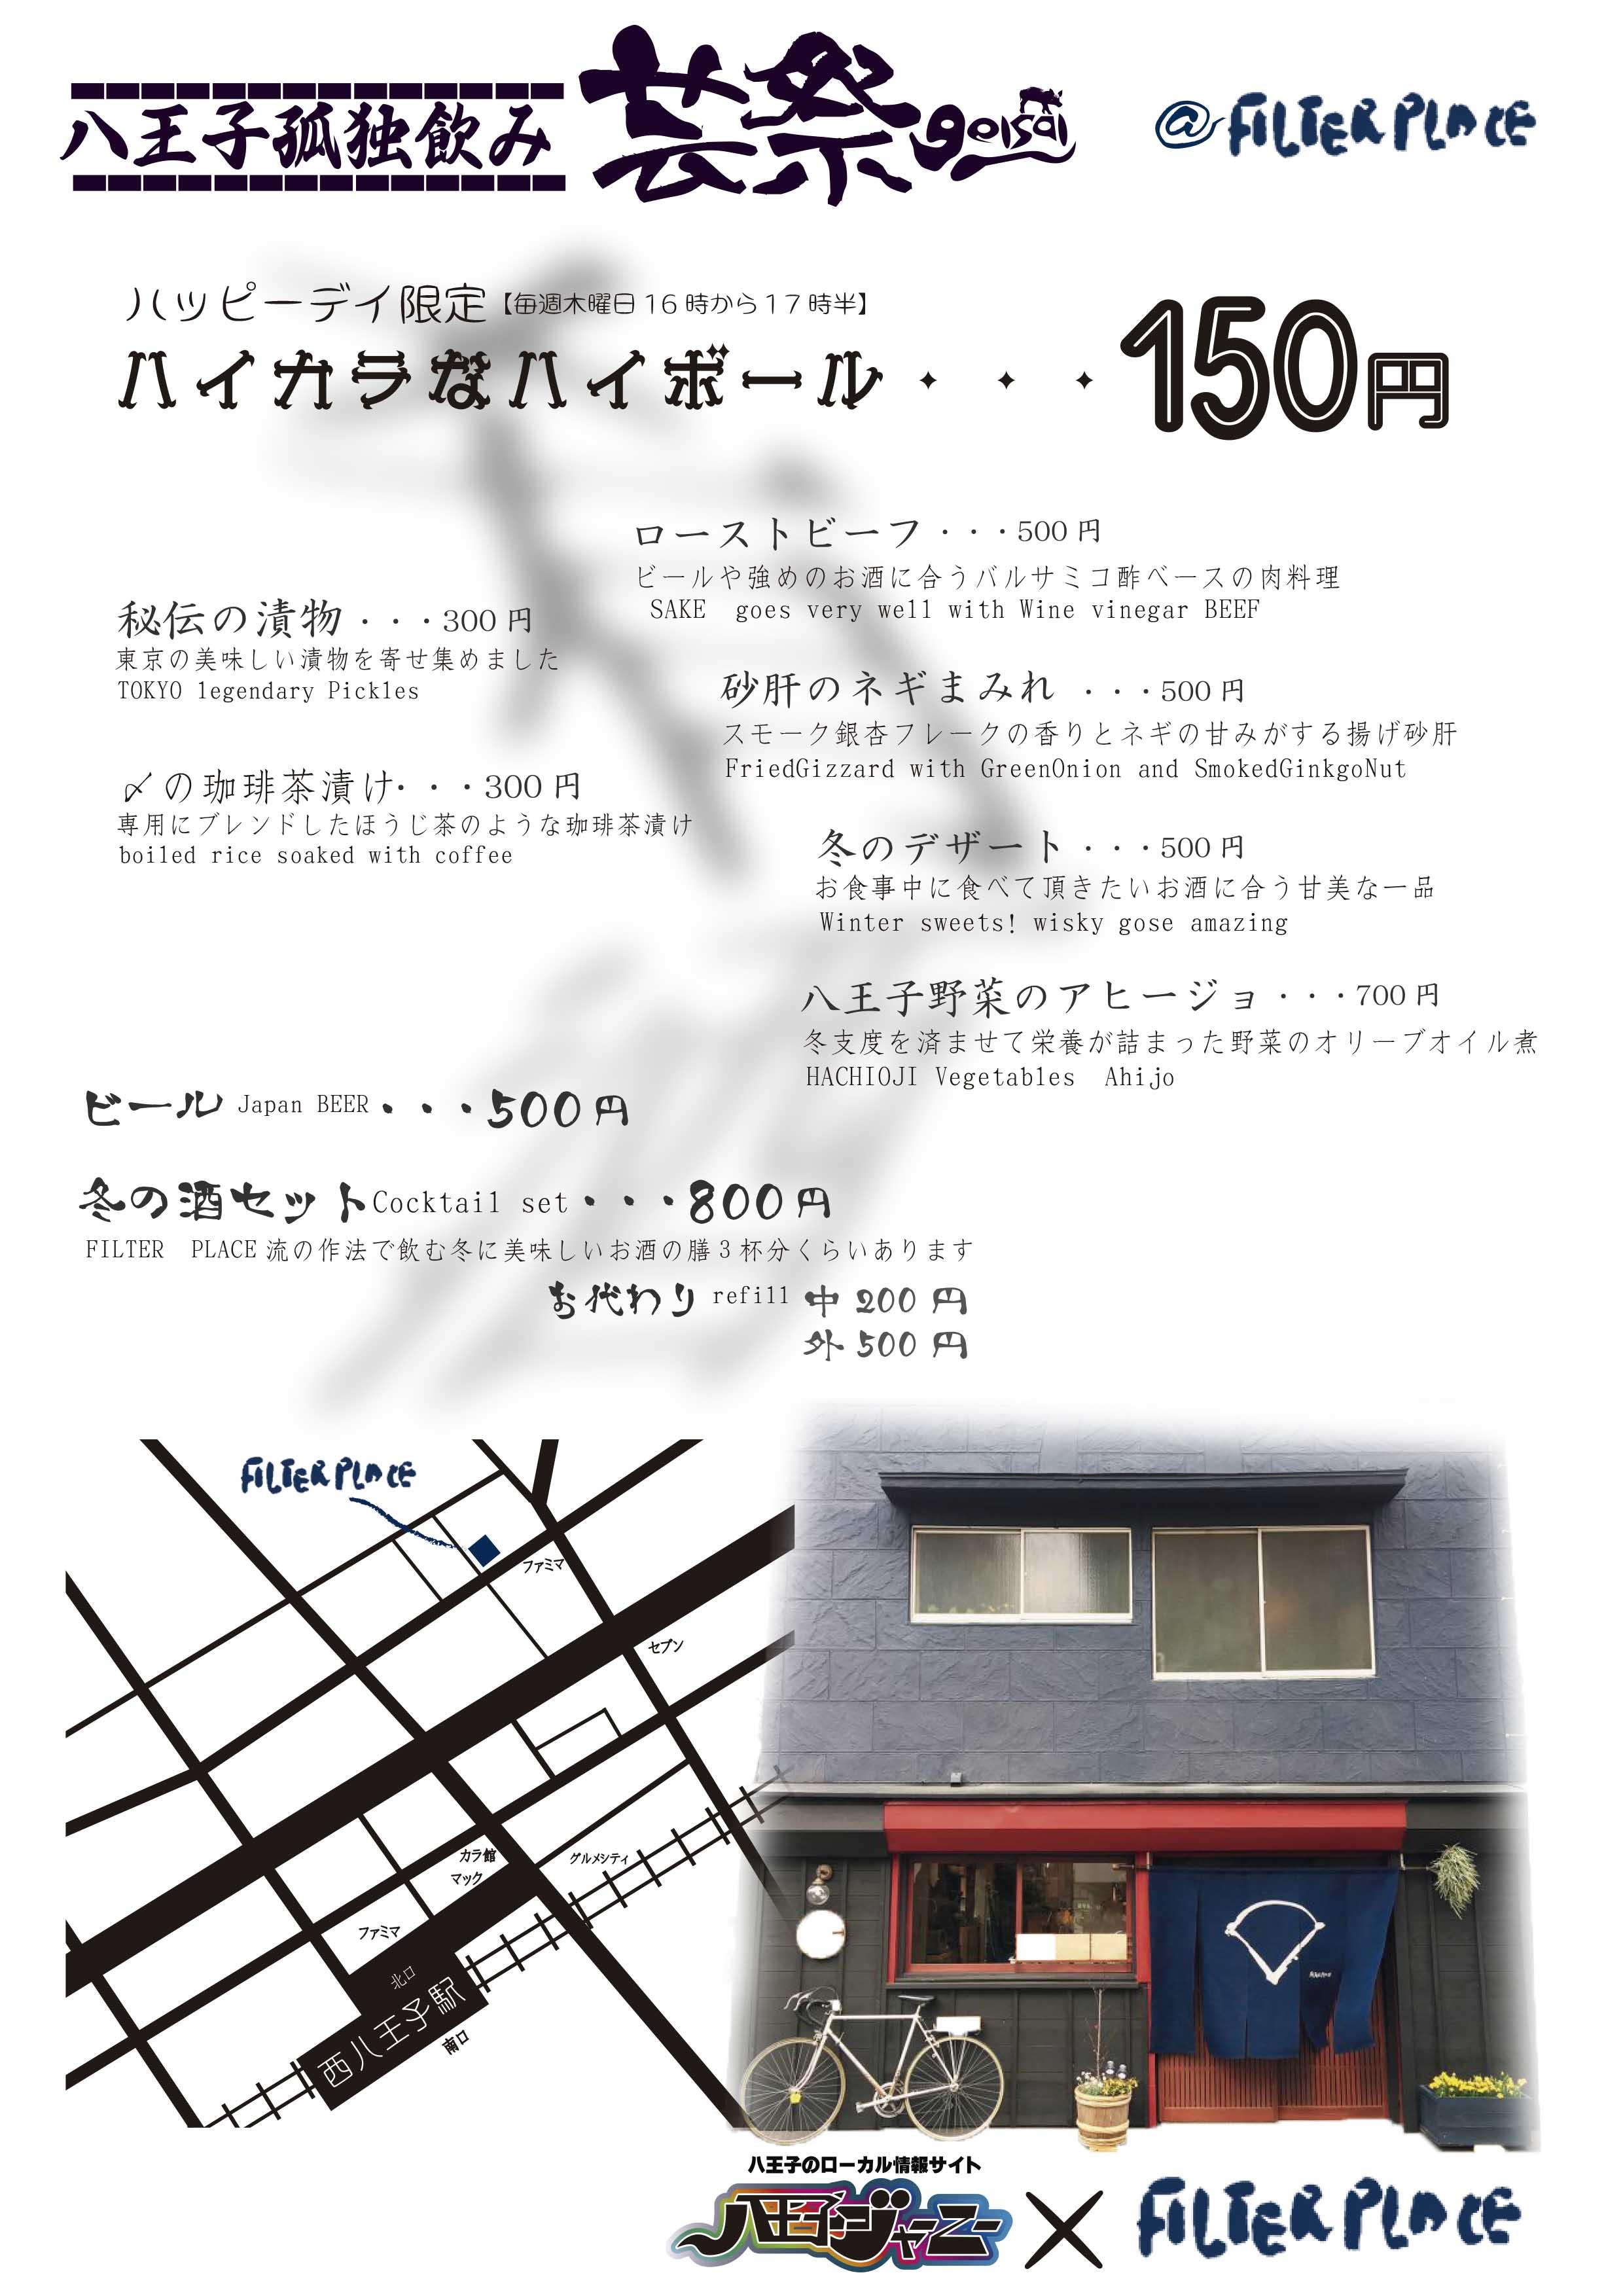 八王子ジャーニー新ロゴ&新企画八王子孤独飲み芸祭!?